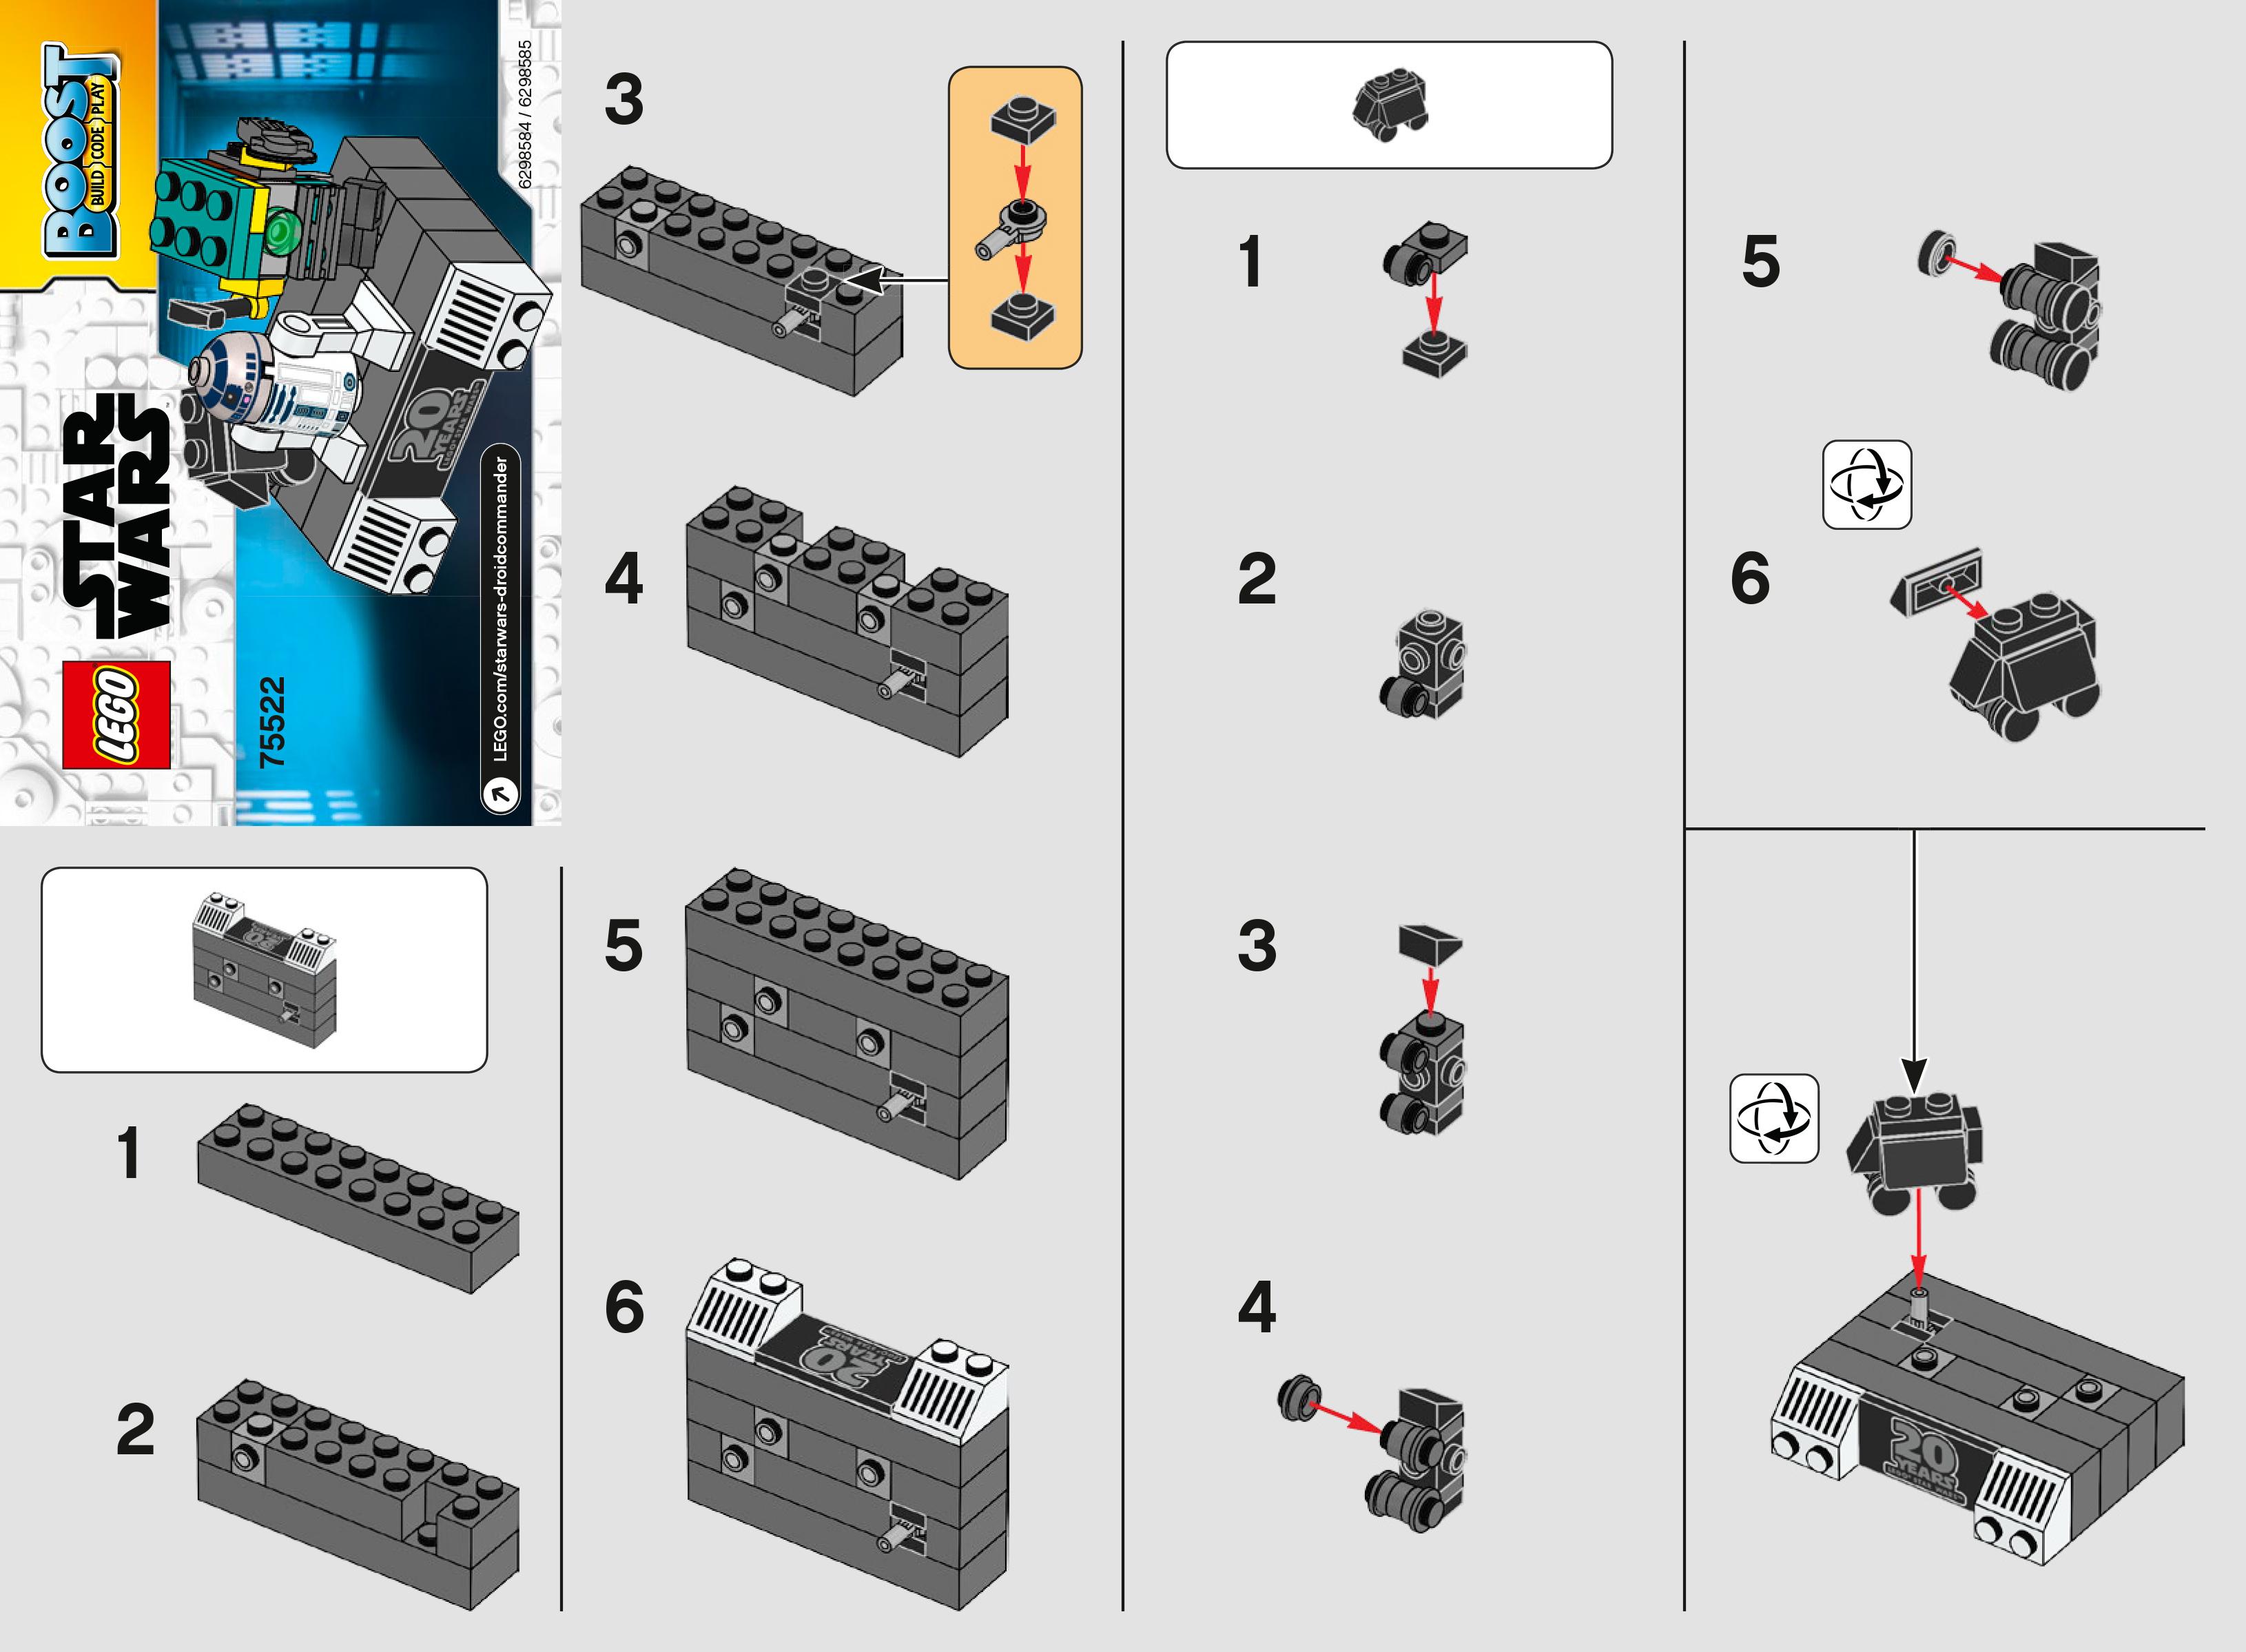 75522-lego-starwars-boost-droid-commander-gratis-beigabe-bauanleitung-1-2019 zusammengebaut.com